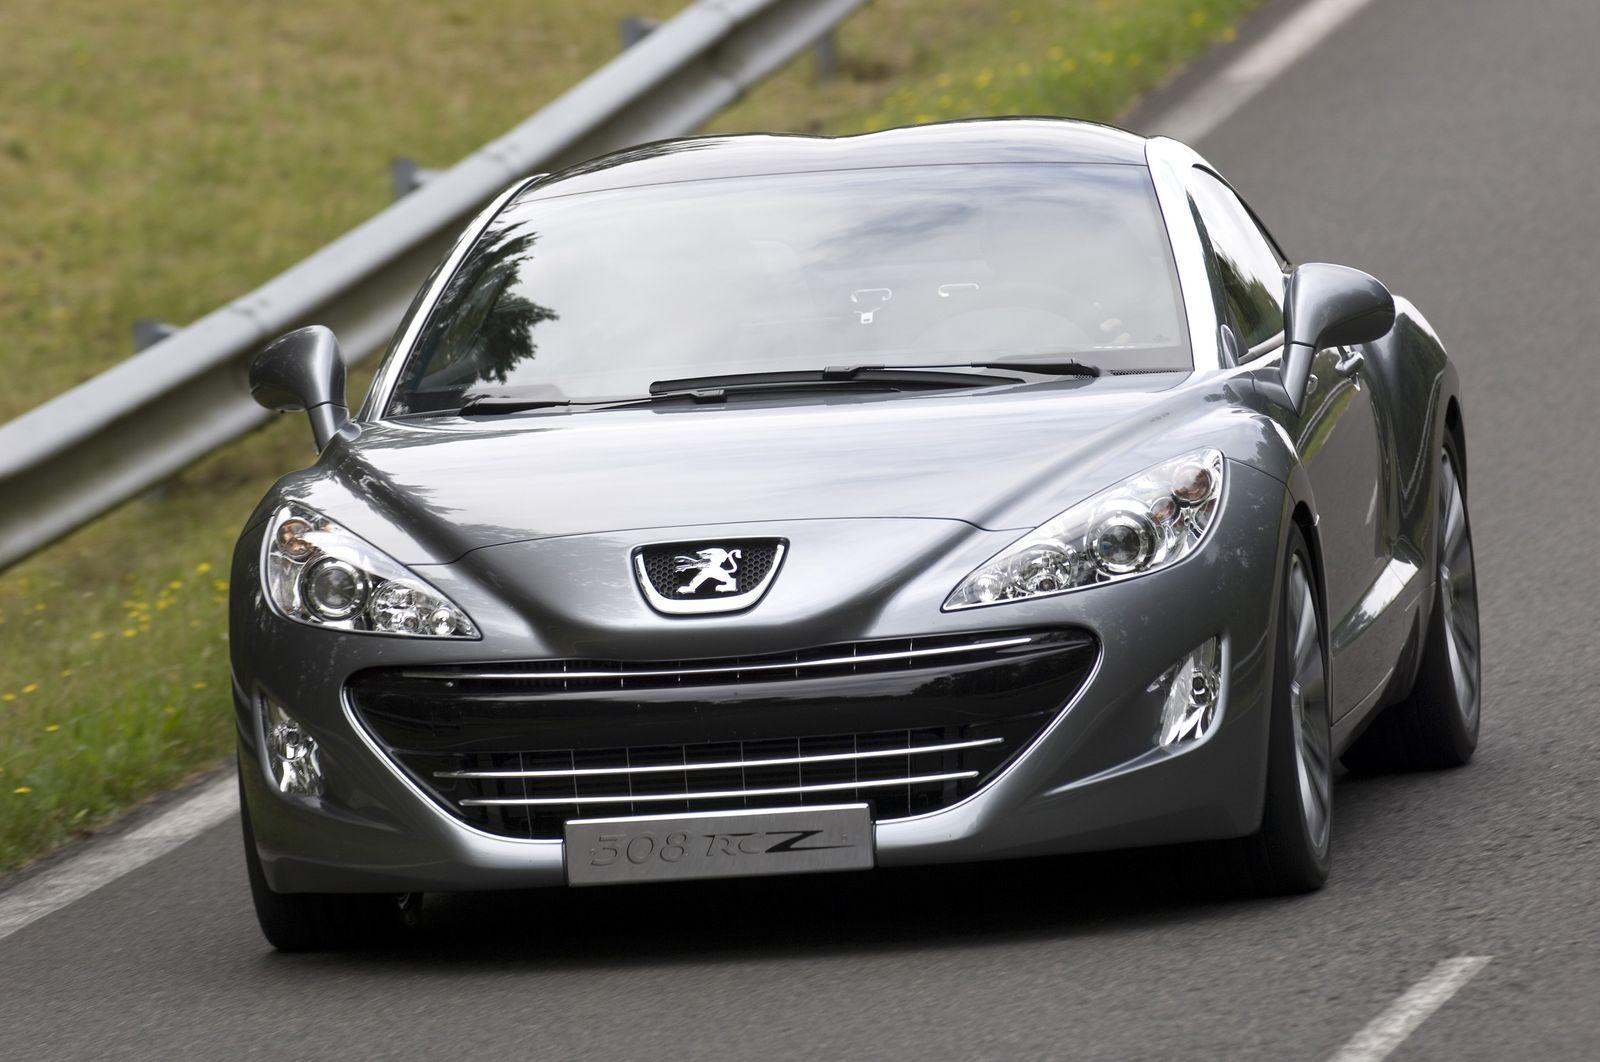 Σημάδια ζωής δείχνει η γαλλική αυτοκινητοβιομηχανία